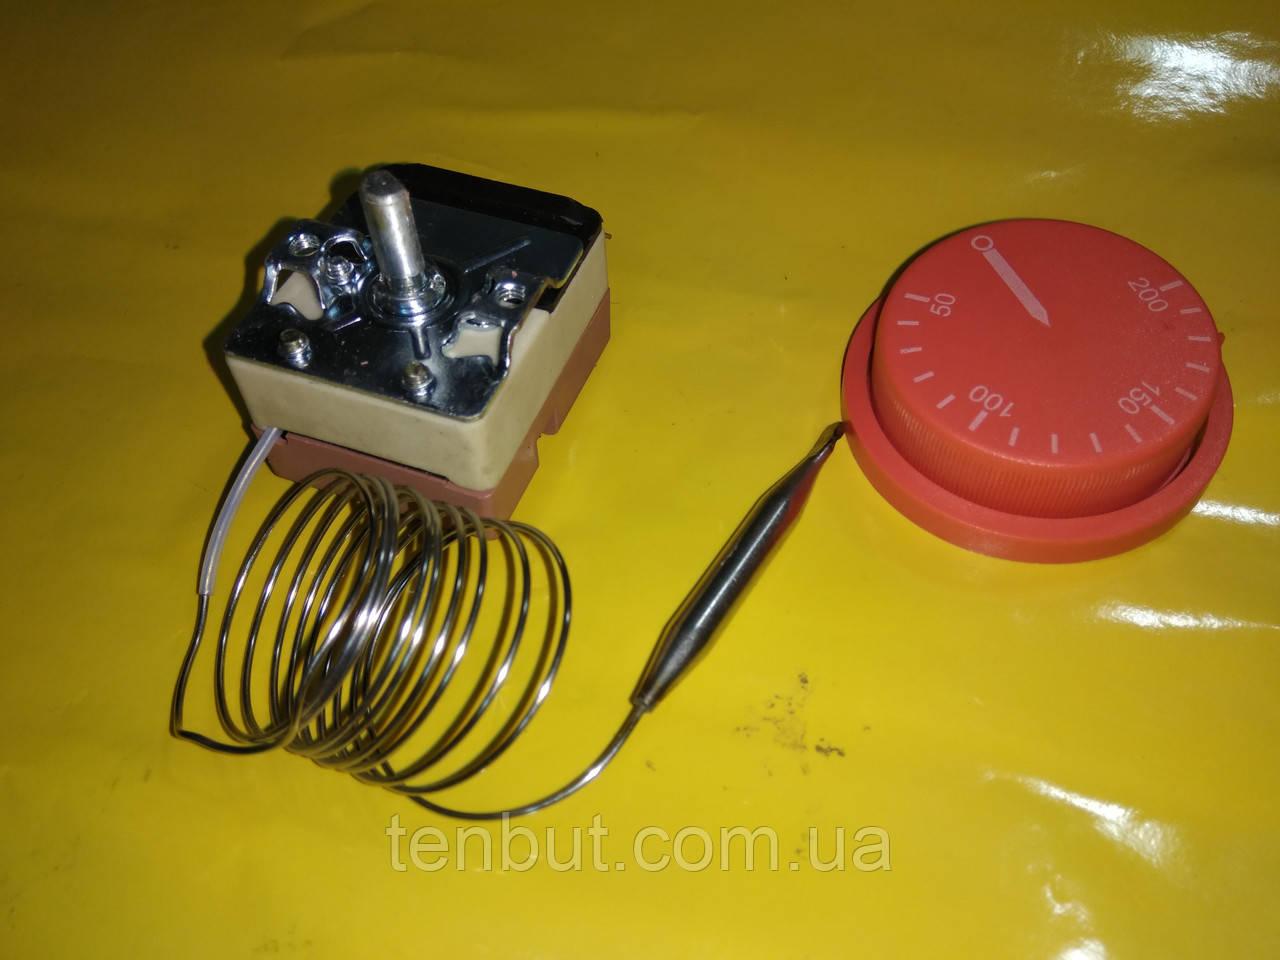 Терморегулятор для электро духовок и обогревателей 50-200 С° с капилляром 16 А / 250 В производство Китай